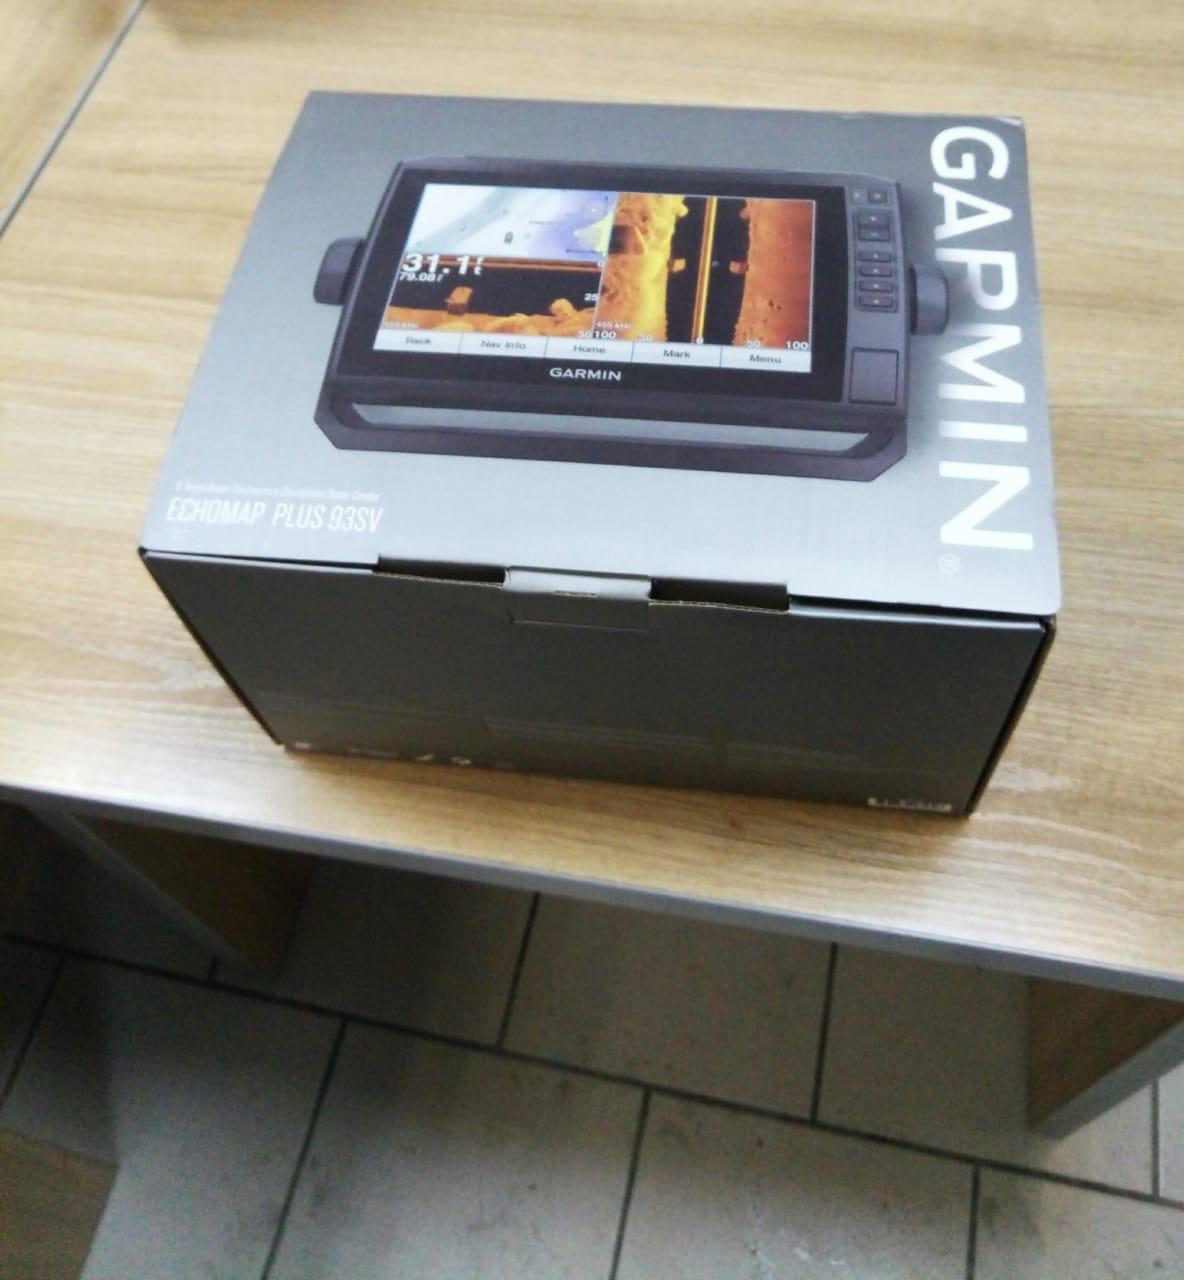 Продам: Garmin echoMAP Plus 93sv, лицензионные карты   Электроника